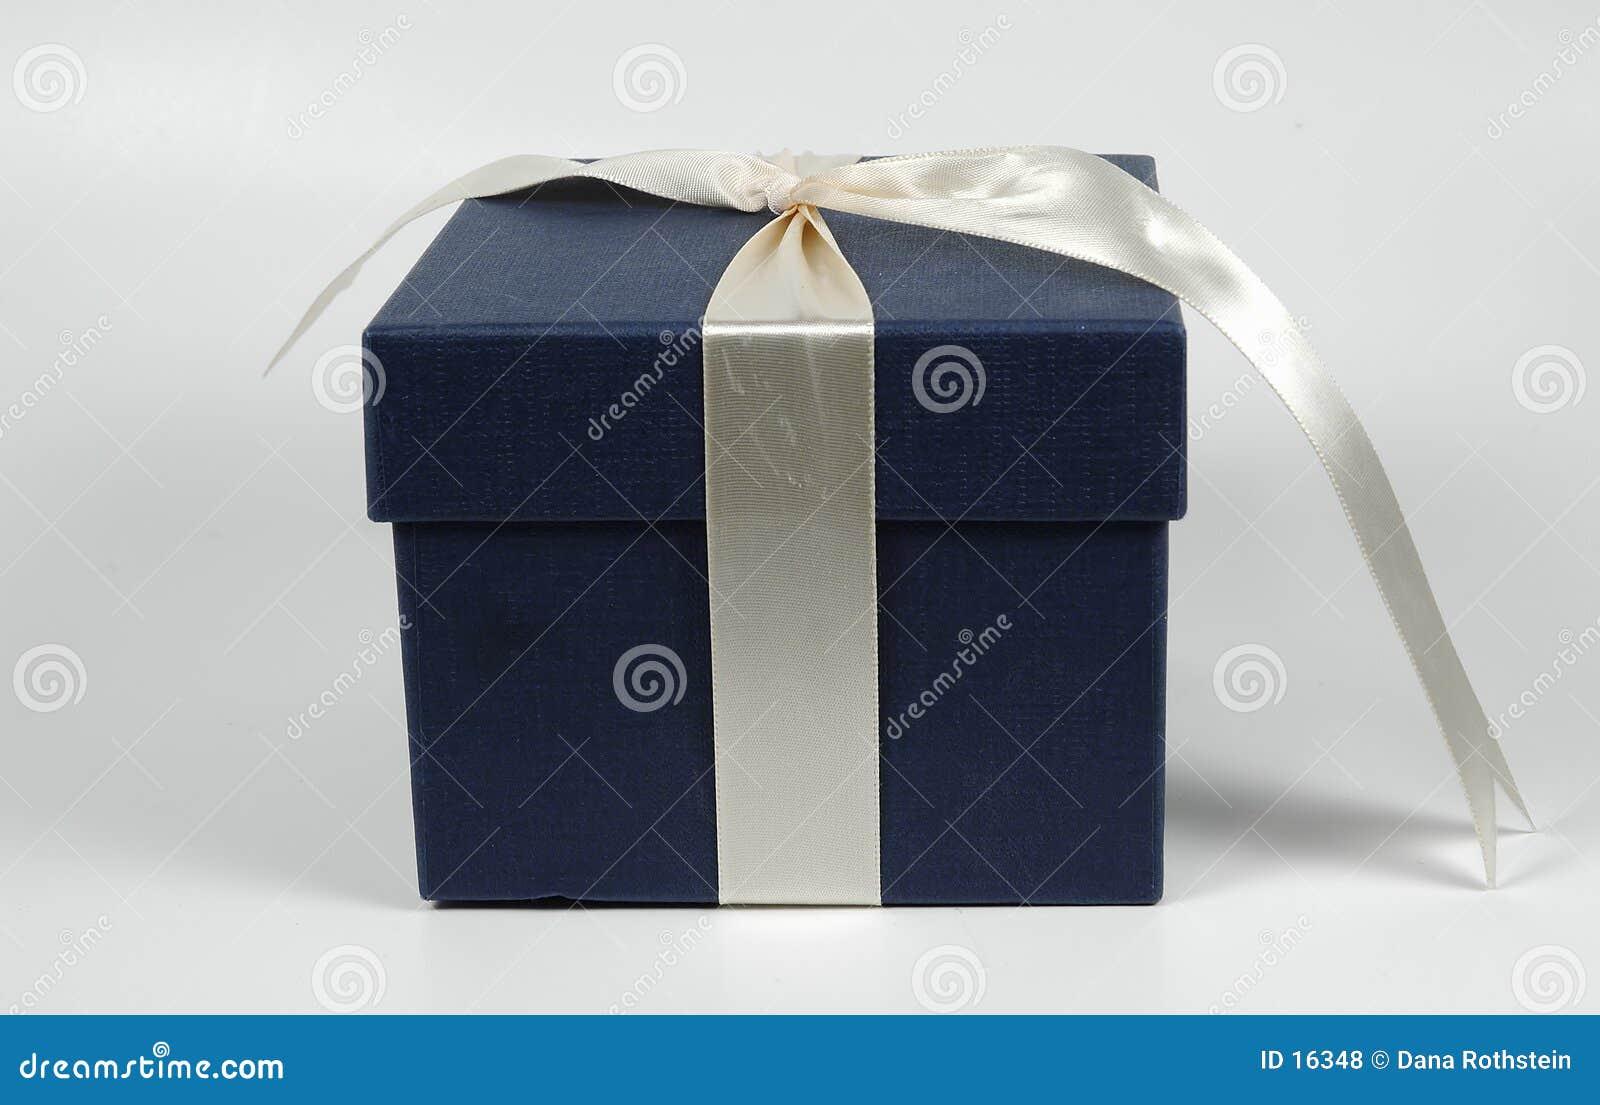 Dril de algodón Giftbox